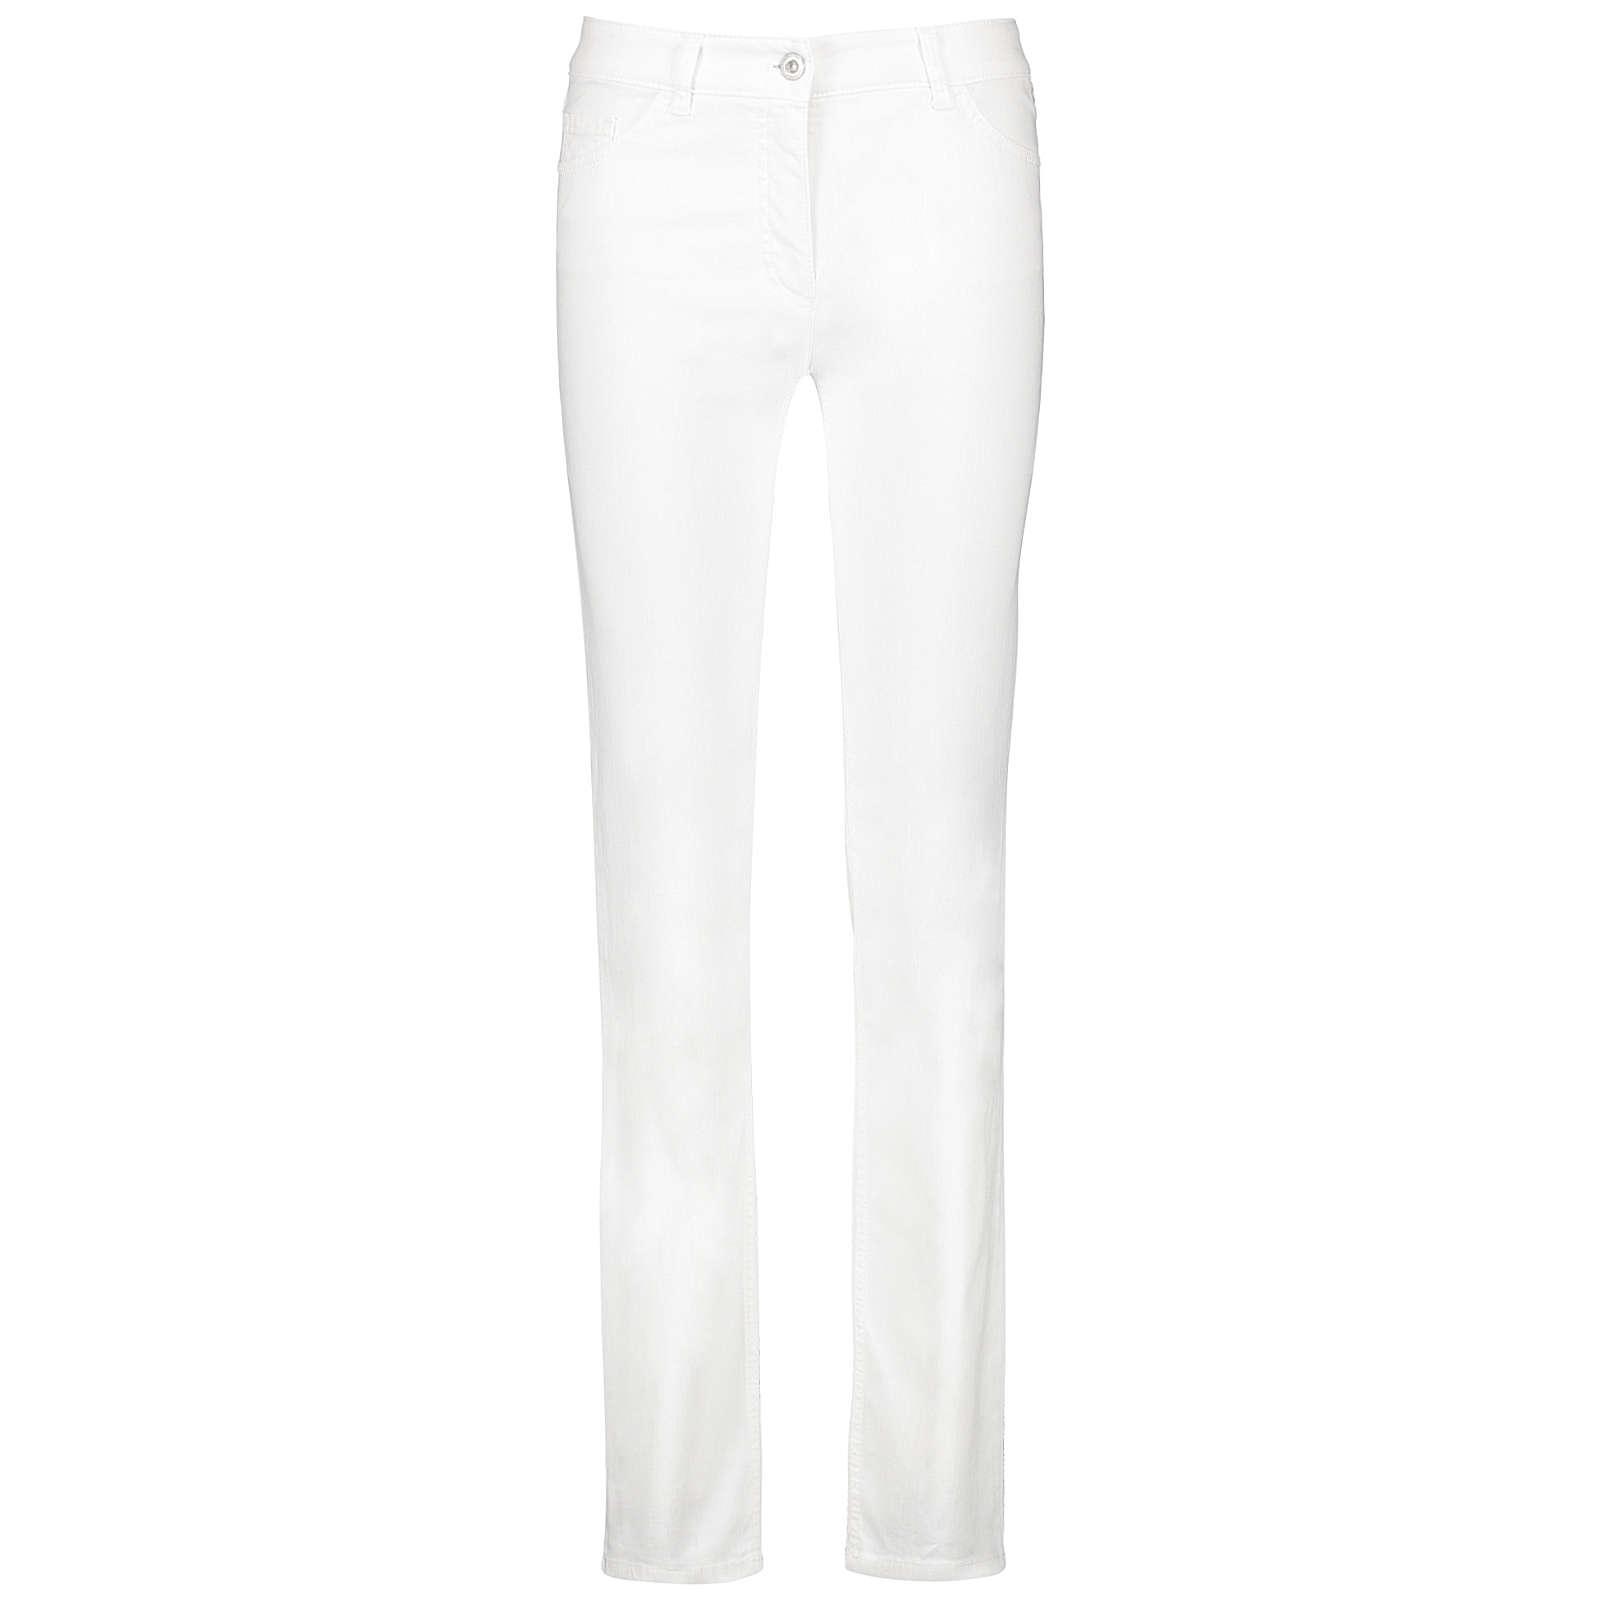 Gerry Weber Hose Jeans lang 5-Pocket Jeans Straight Fit Romy weiß Damen Gr. 46